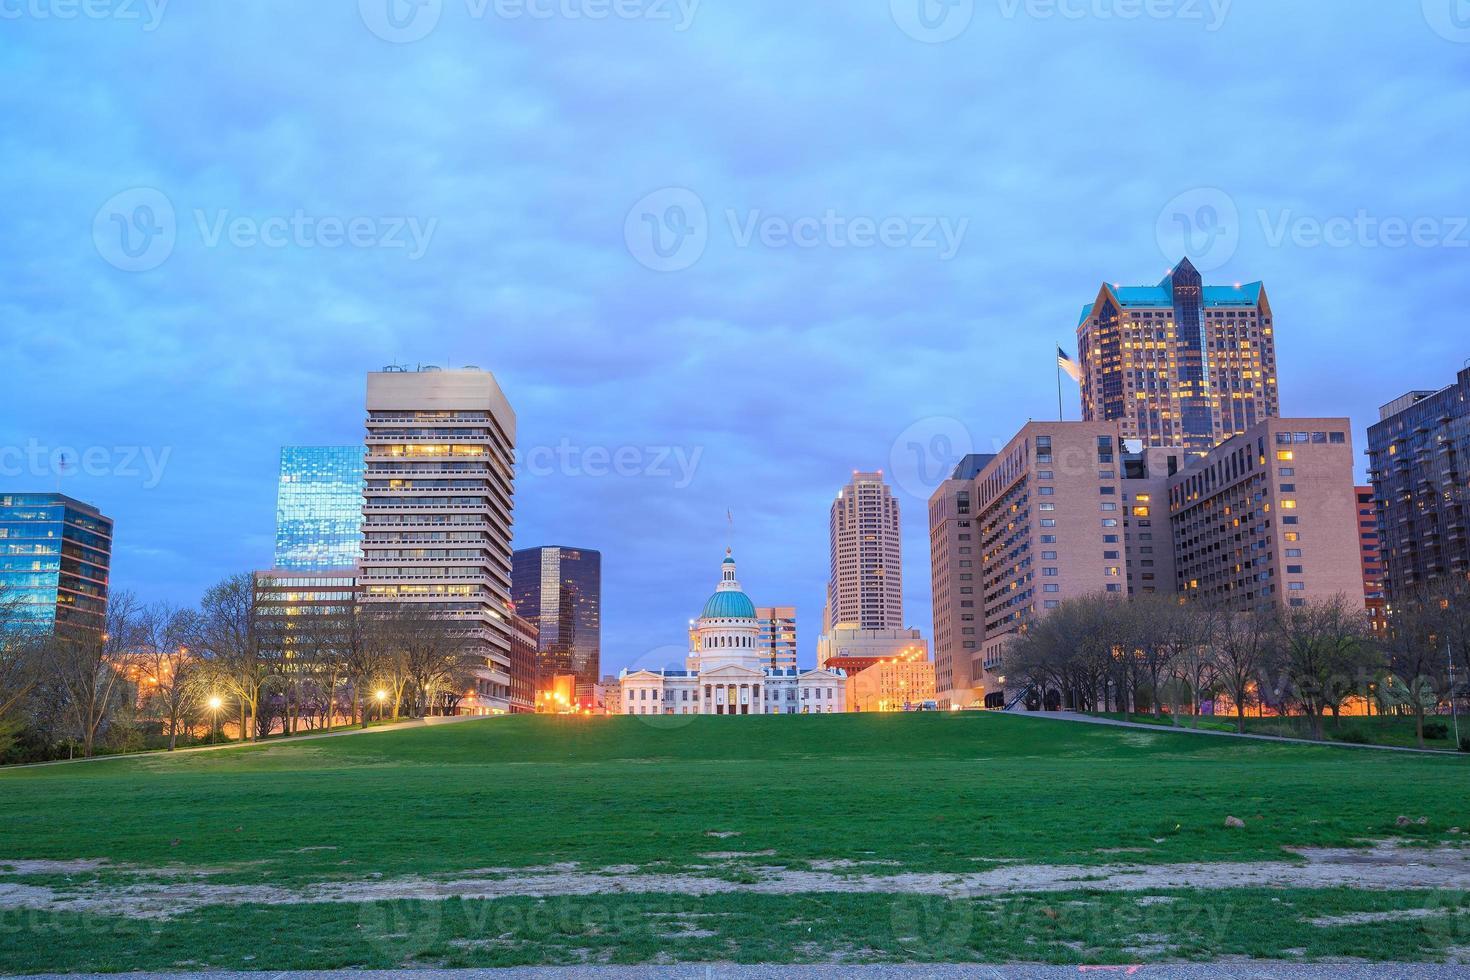 staden St. Louis horisont. bild av st. louis centrum foto